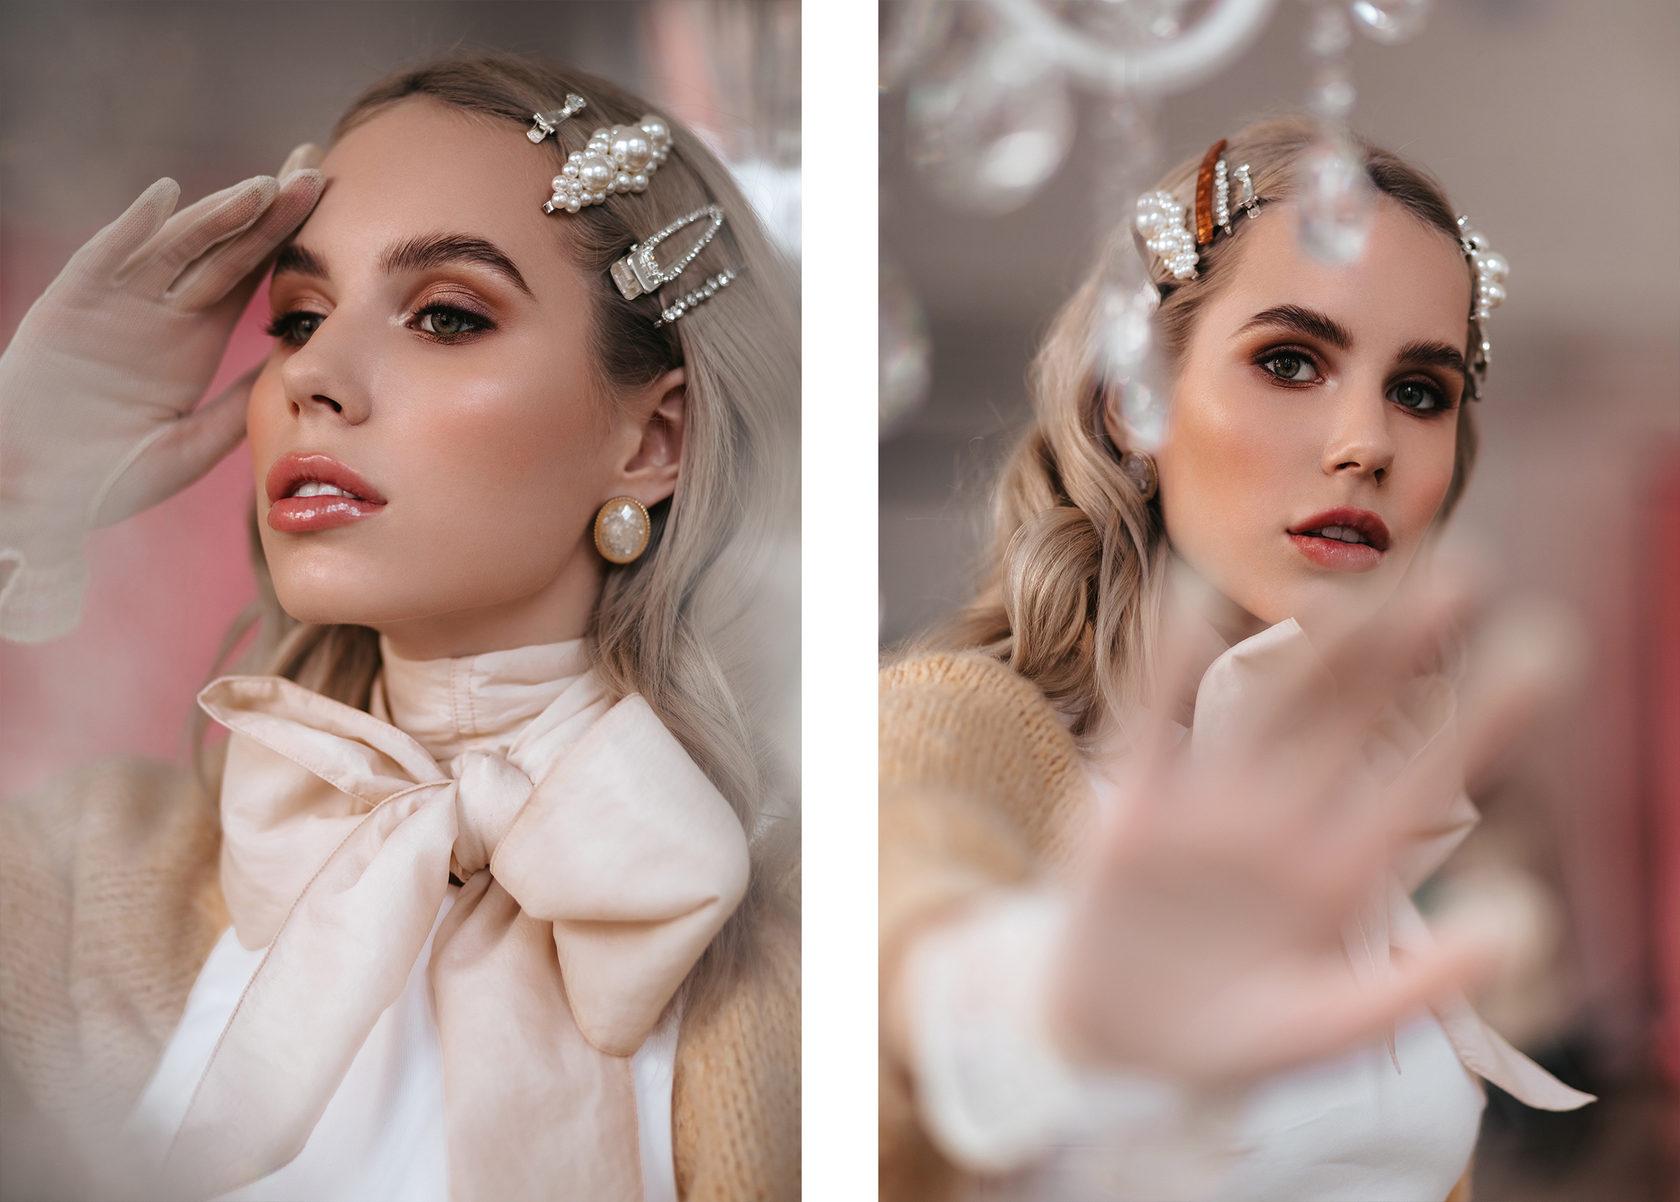 макияж и прическа на фотосессию в новосибирске подход использованию